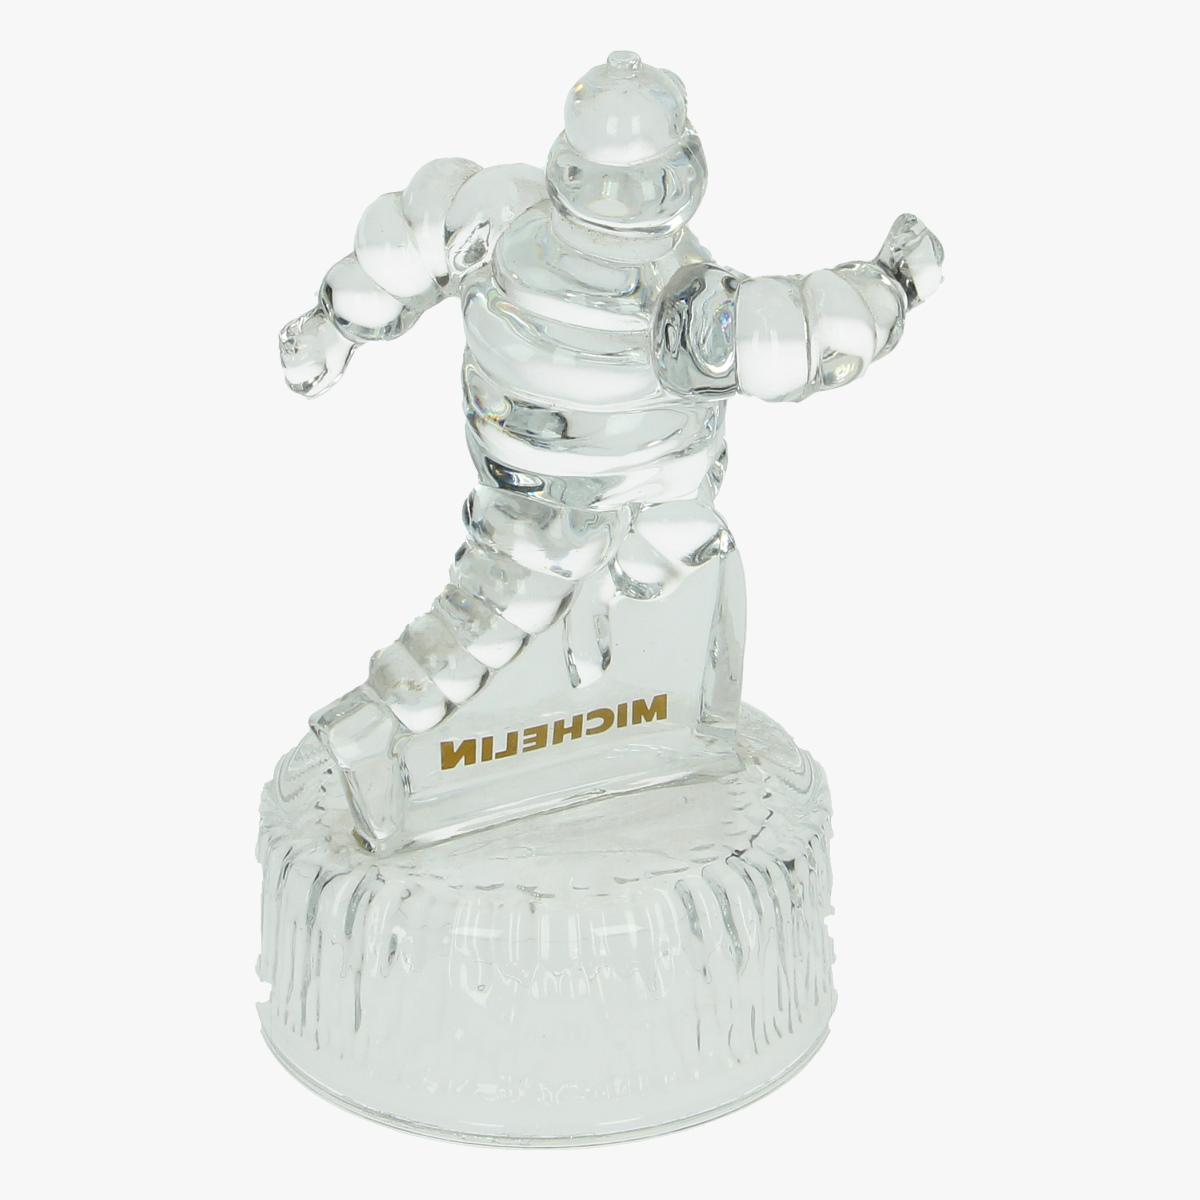 Afbeeldingen van Michelin Beeld in glas. Trofee.